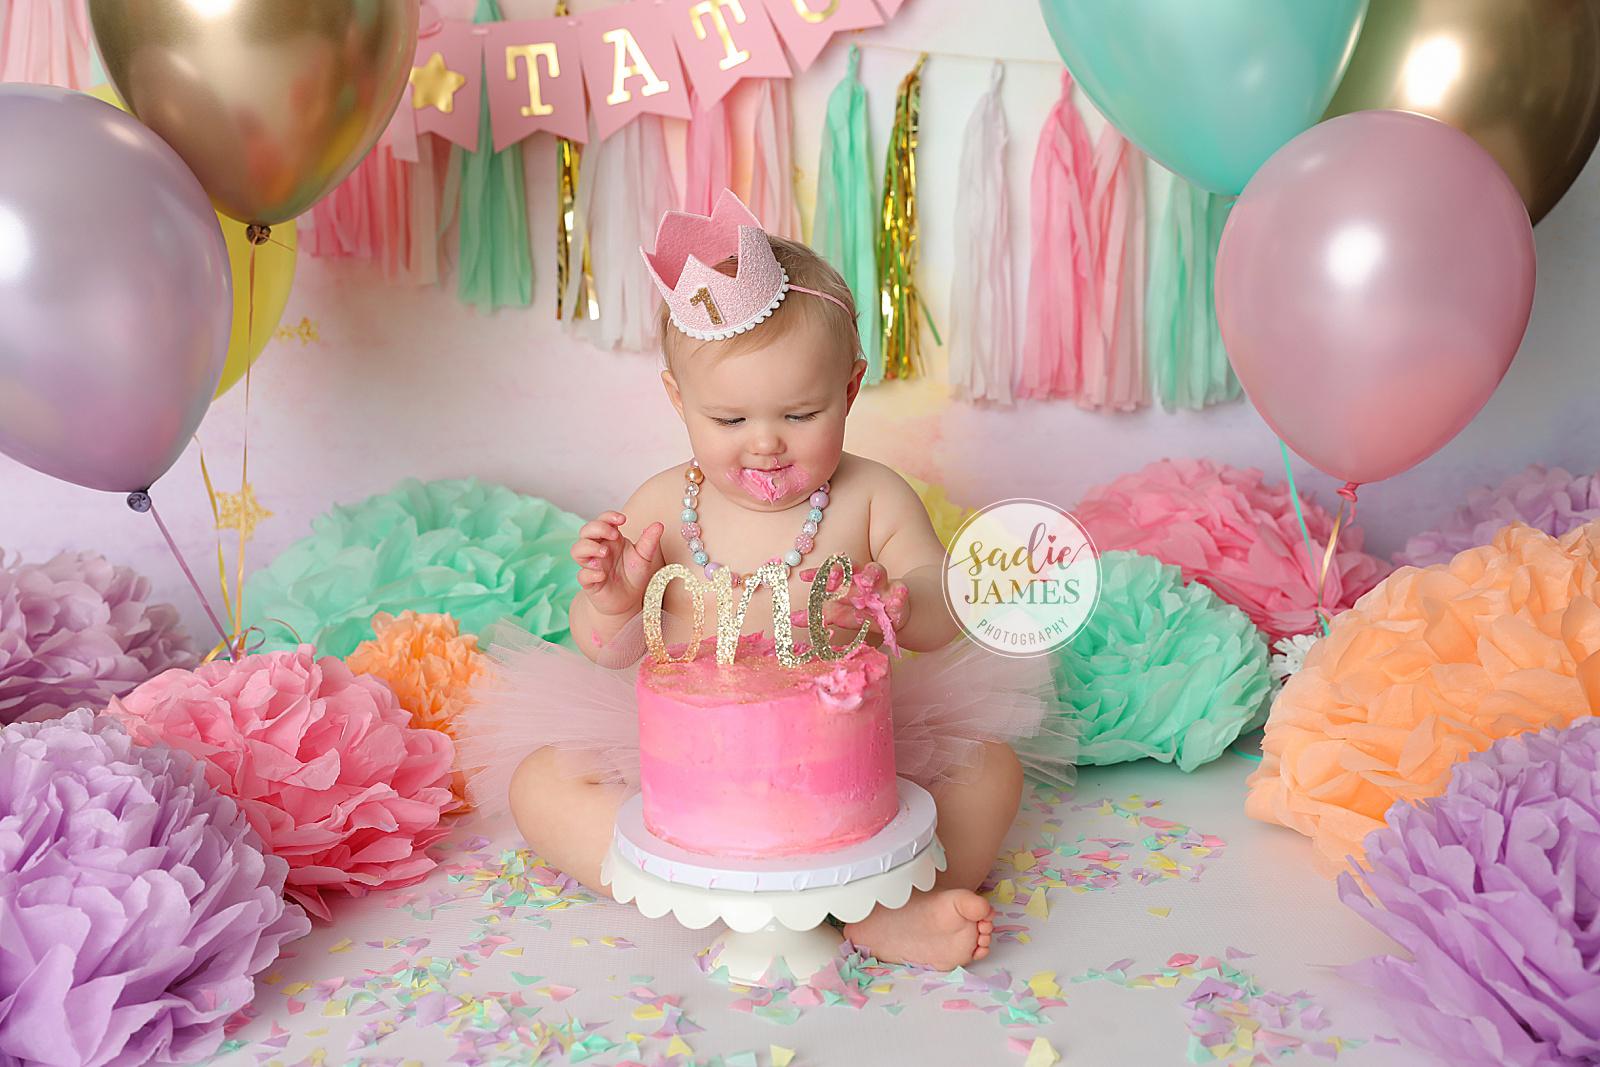 Sadie James Photography | CA cake smash photographer | Orange County CA cake smash photographer | Orange County cake smash photographer | California cake smash photographer | California cake smash photographer | first birthday, birthday cake, cake smash, cake photos, birthday